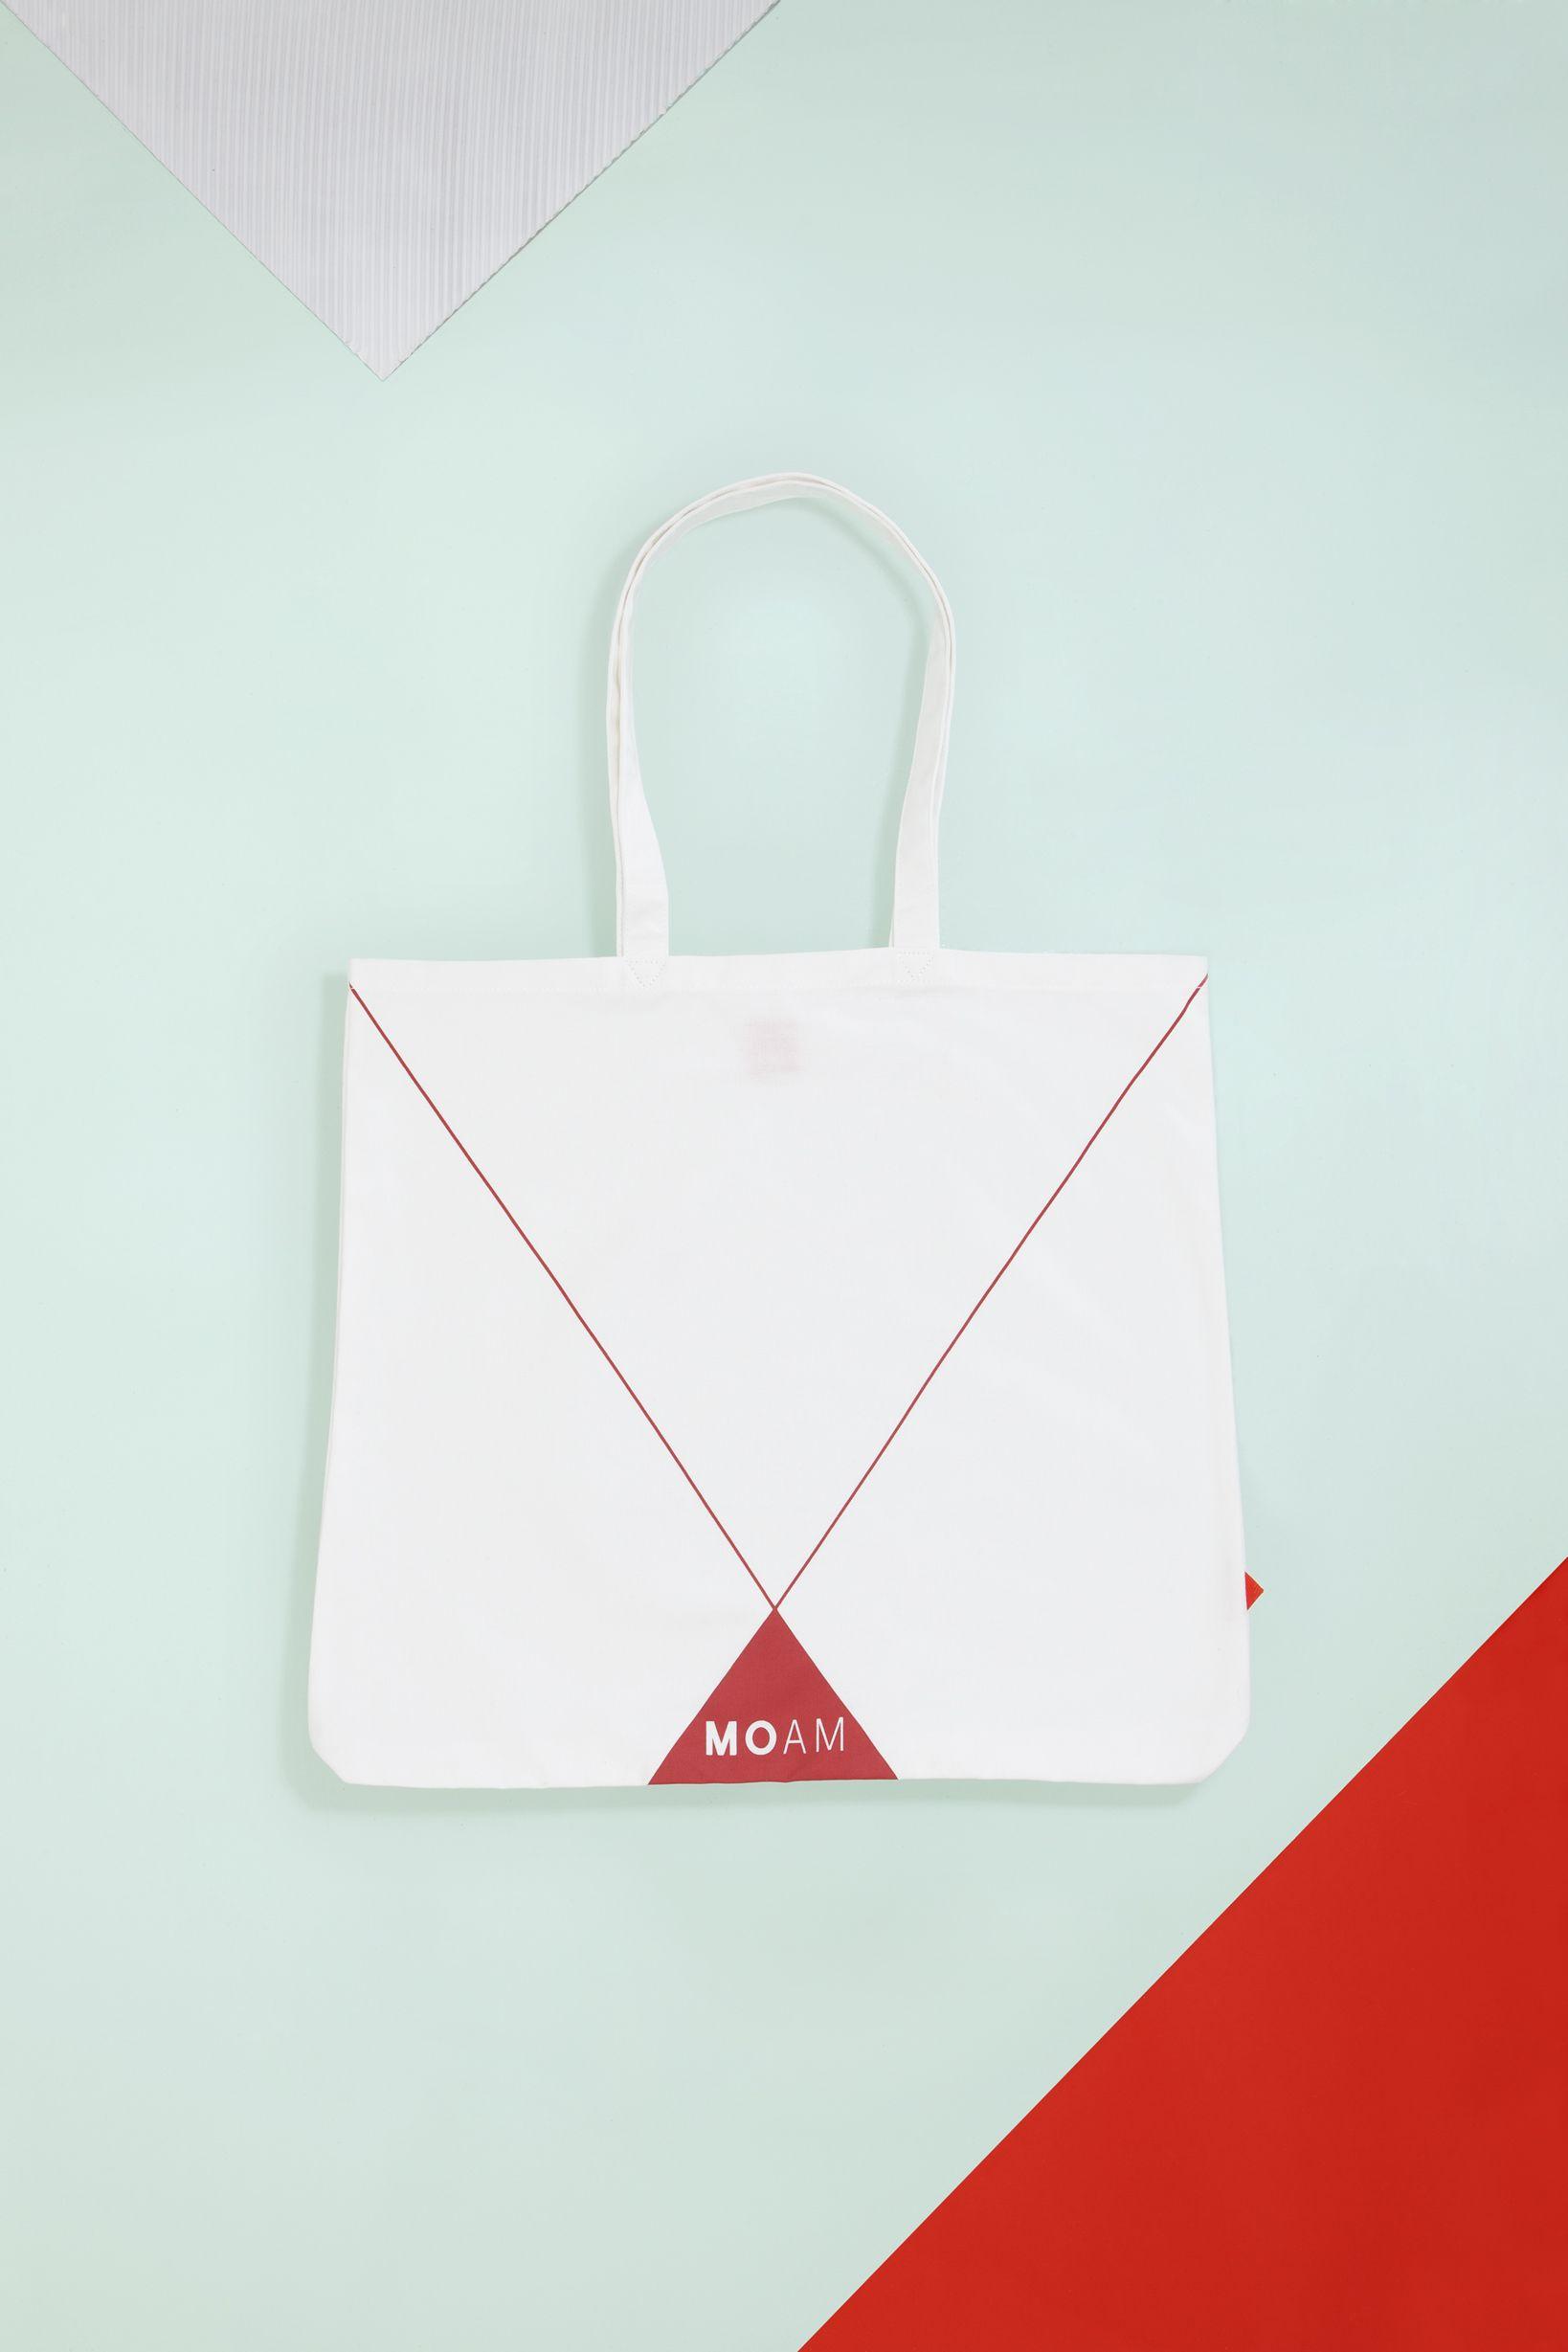 Portemonnee Met Ketting Hema.Shopper Moam Voor Hema 2014 C Anne Claire De Breij Moam Voor